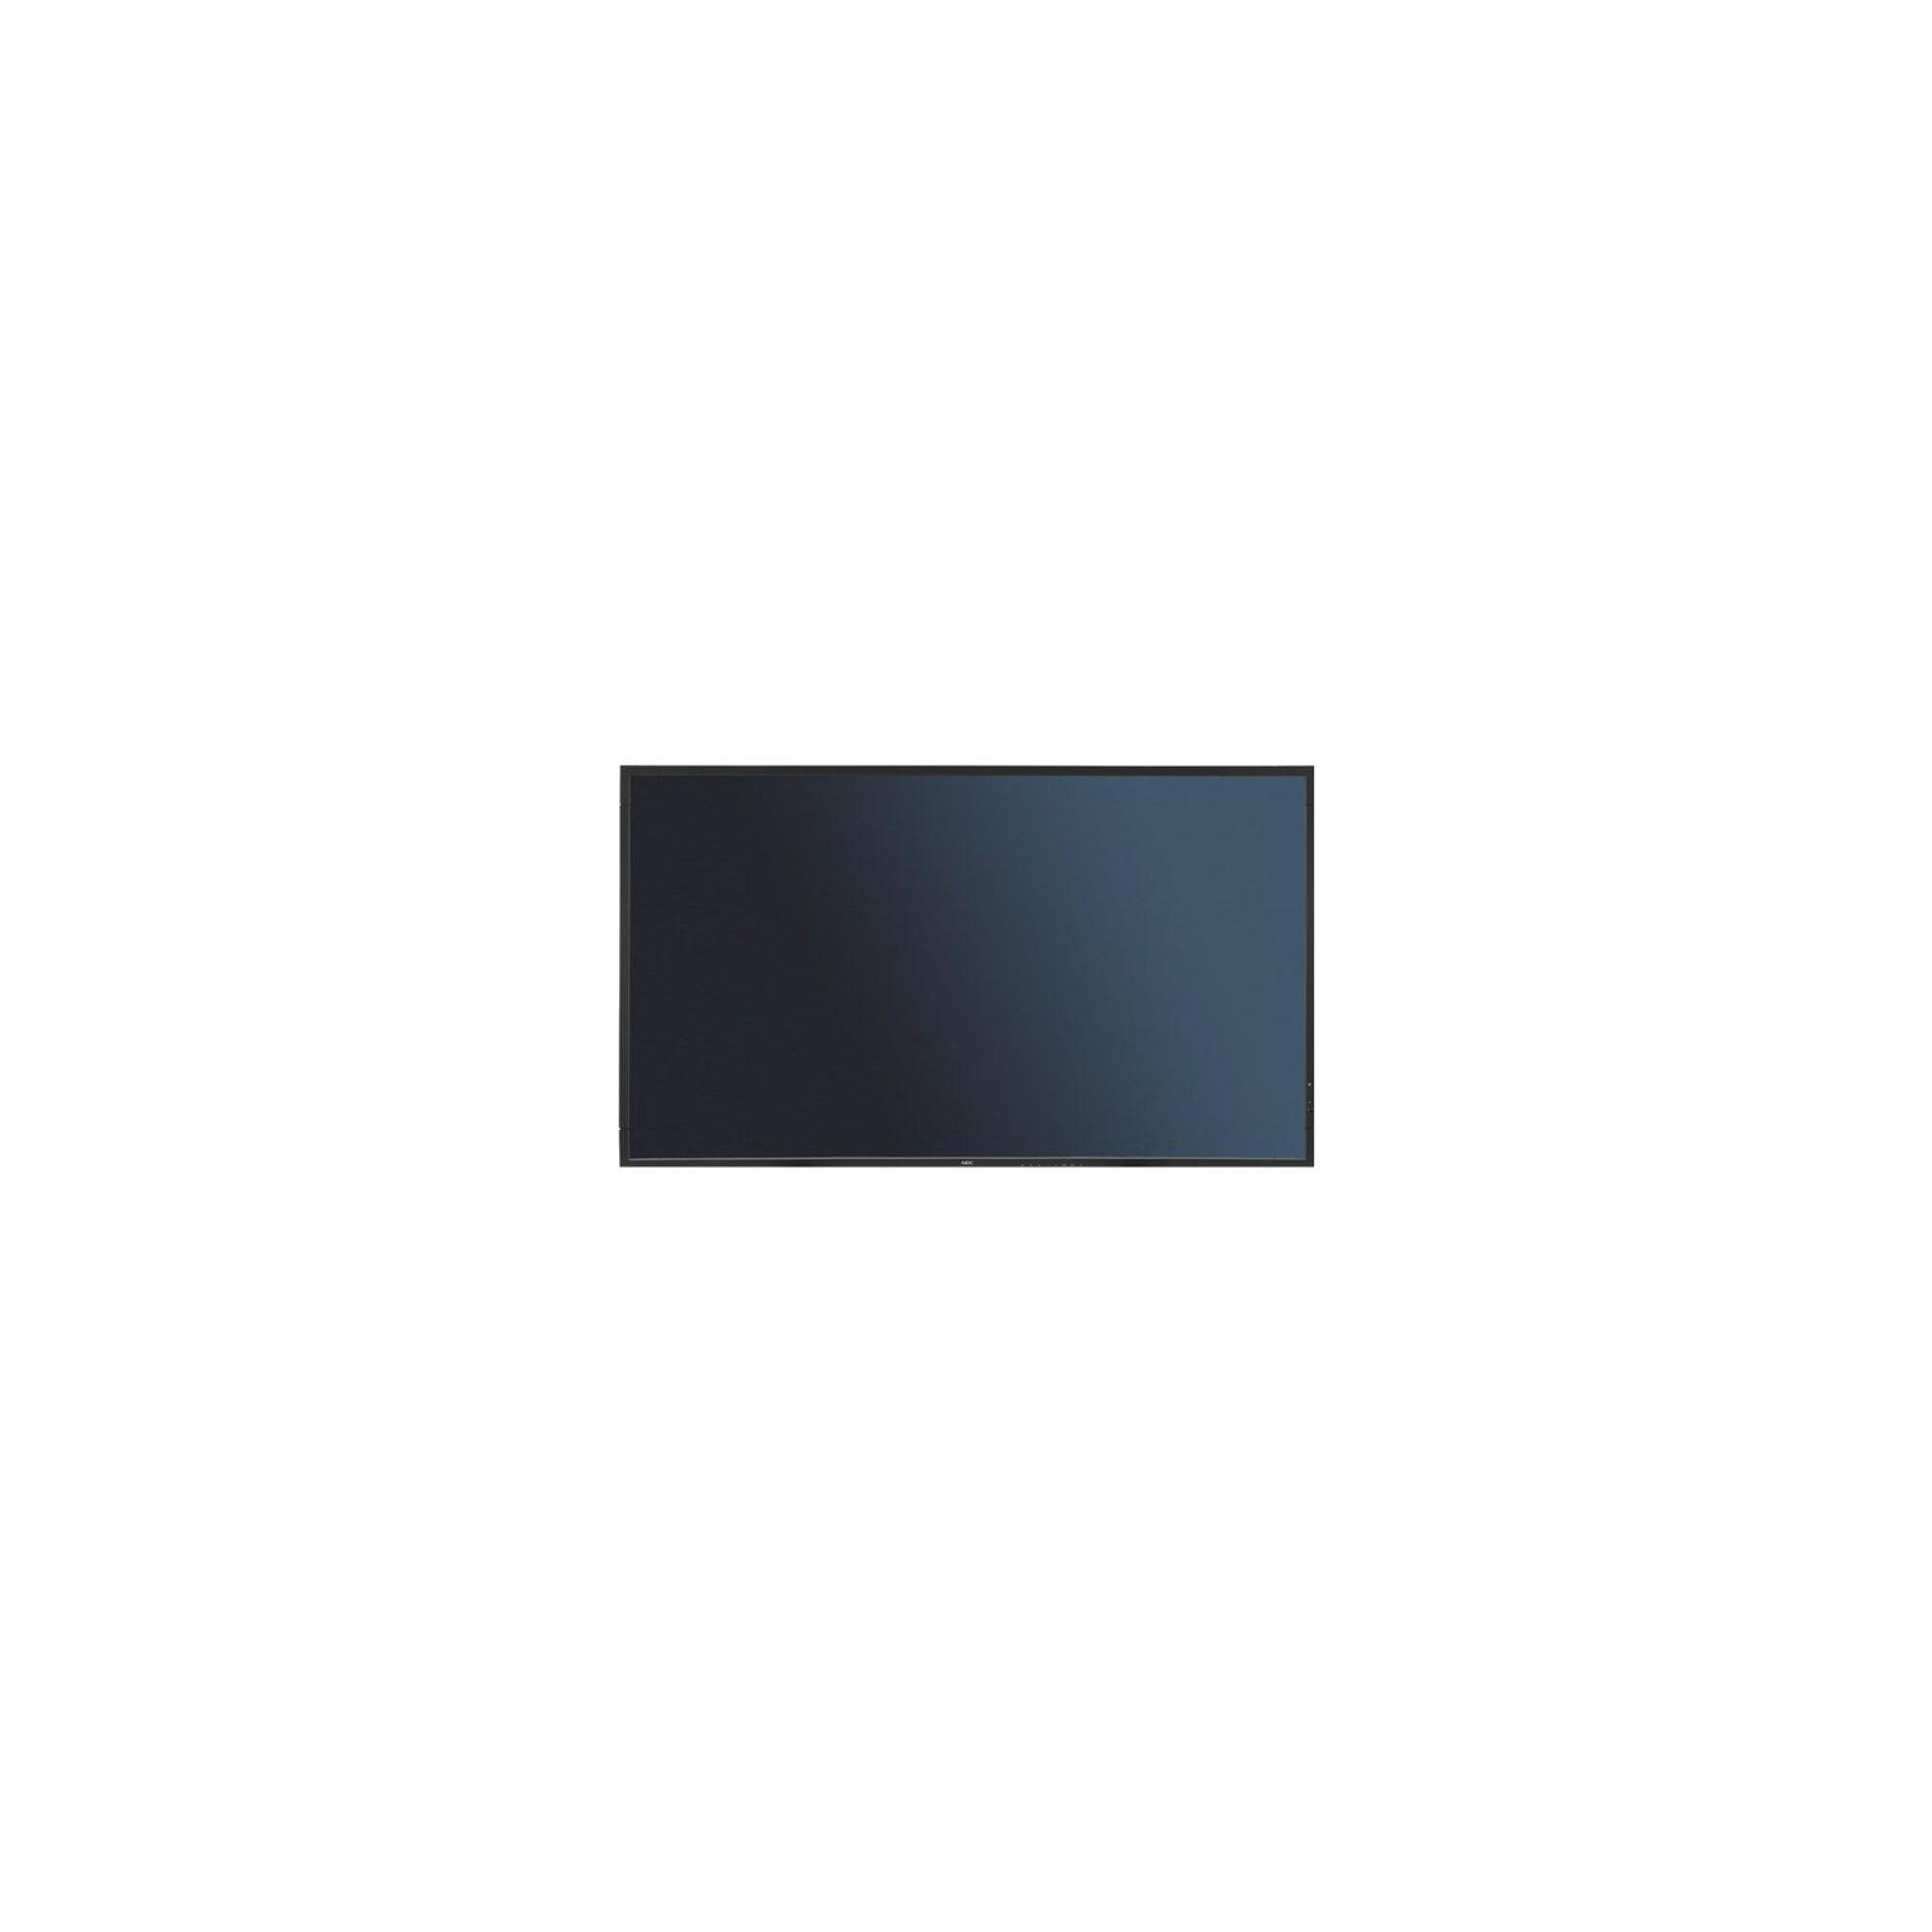 NEC 60003397 42 inch LED Backlit Display